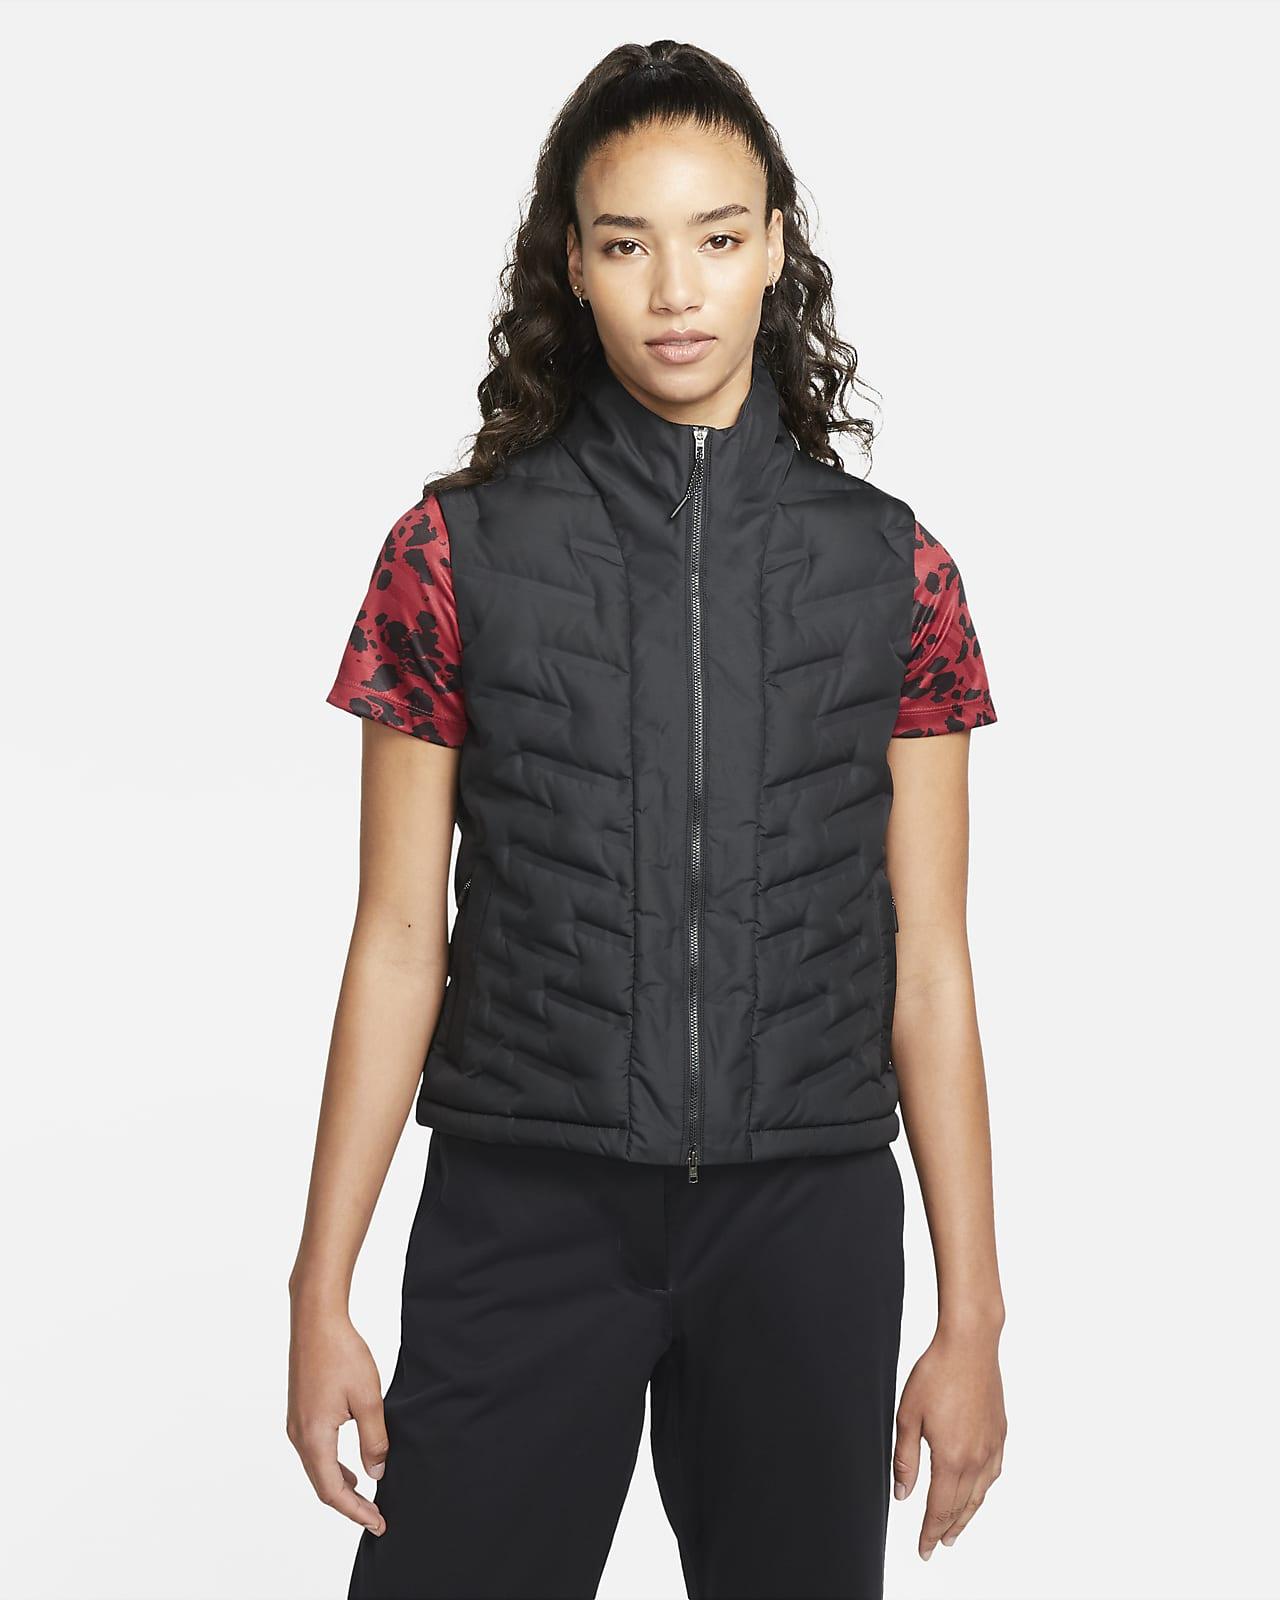 Nike Therma-FIT ADV Repel Women's Full-Zip Golf Vest